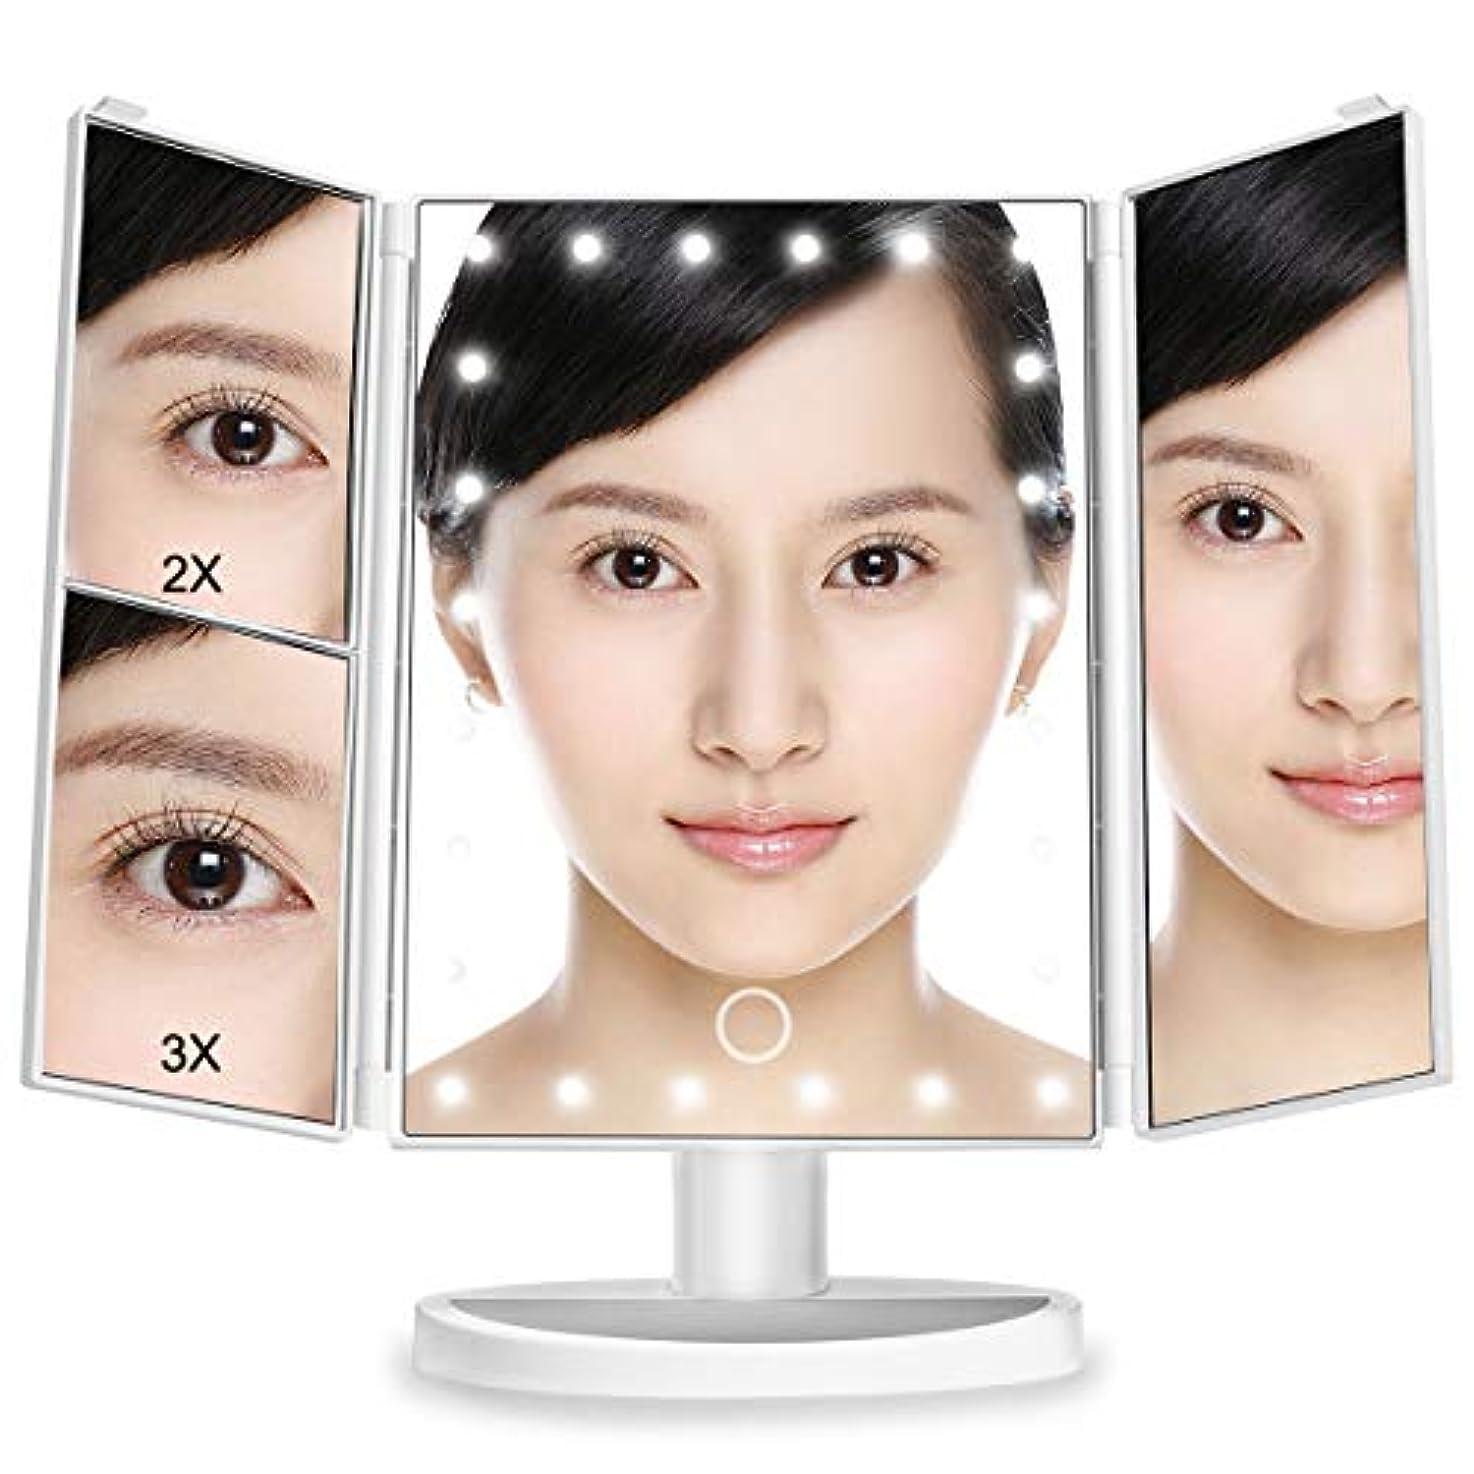 きしむ誇張するセミナー女優ミラー 三面鏡 鏡 led 卓上鏡 化粧鏡 化粧ミラー 鏡 折りたたみ式 ledライト付き 明るさ調整可能 2&3倍拡大鏡付 180 °回転 電池&USB 2WAY給電